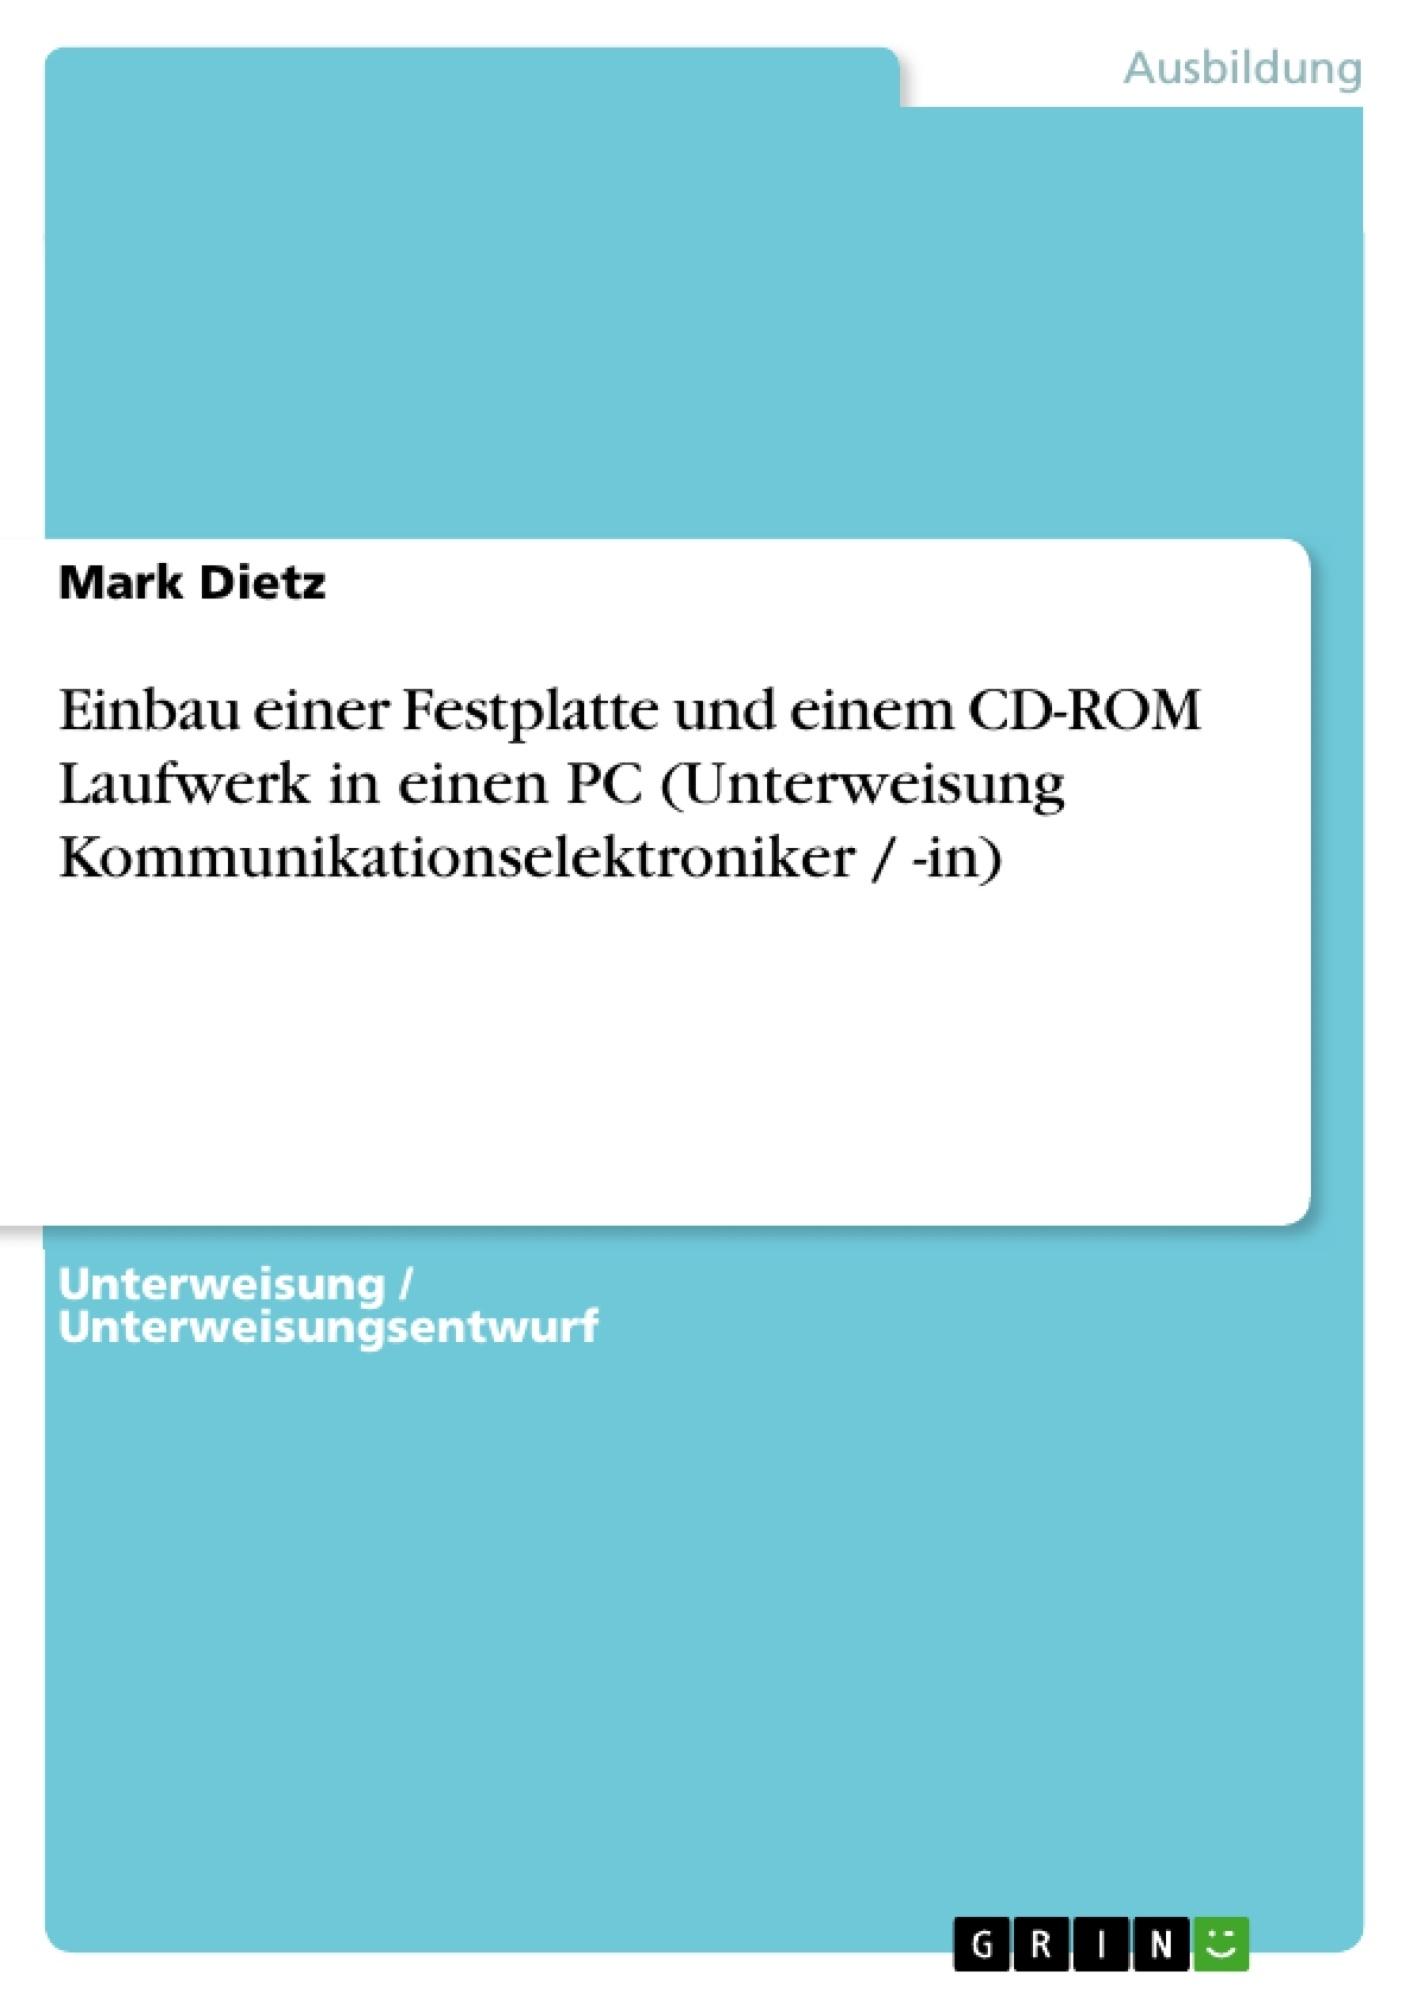 Titel: Einbau einer Festplatte und einem CD-ROM Laufwerk in einen PC (Unterweisung Kommunikationselektroniker / -in)